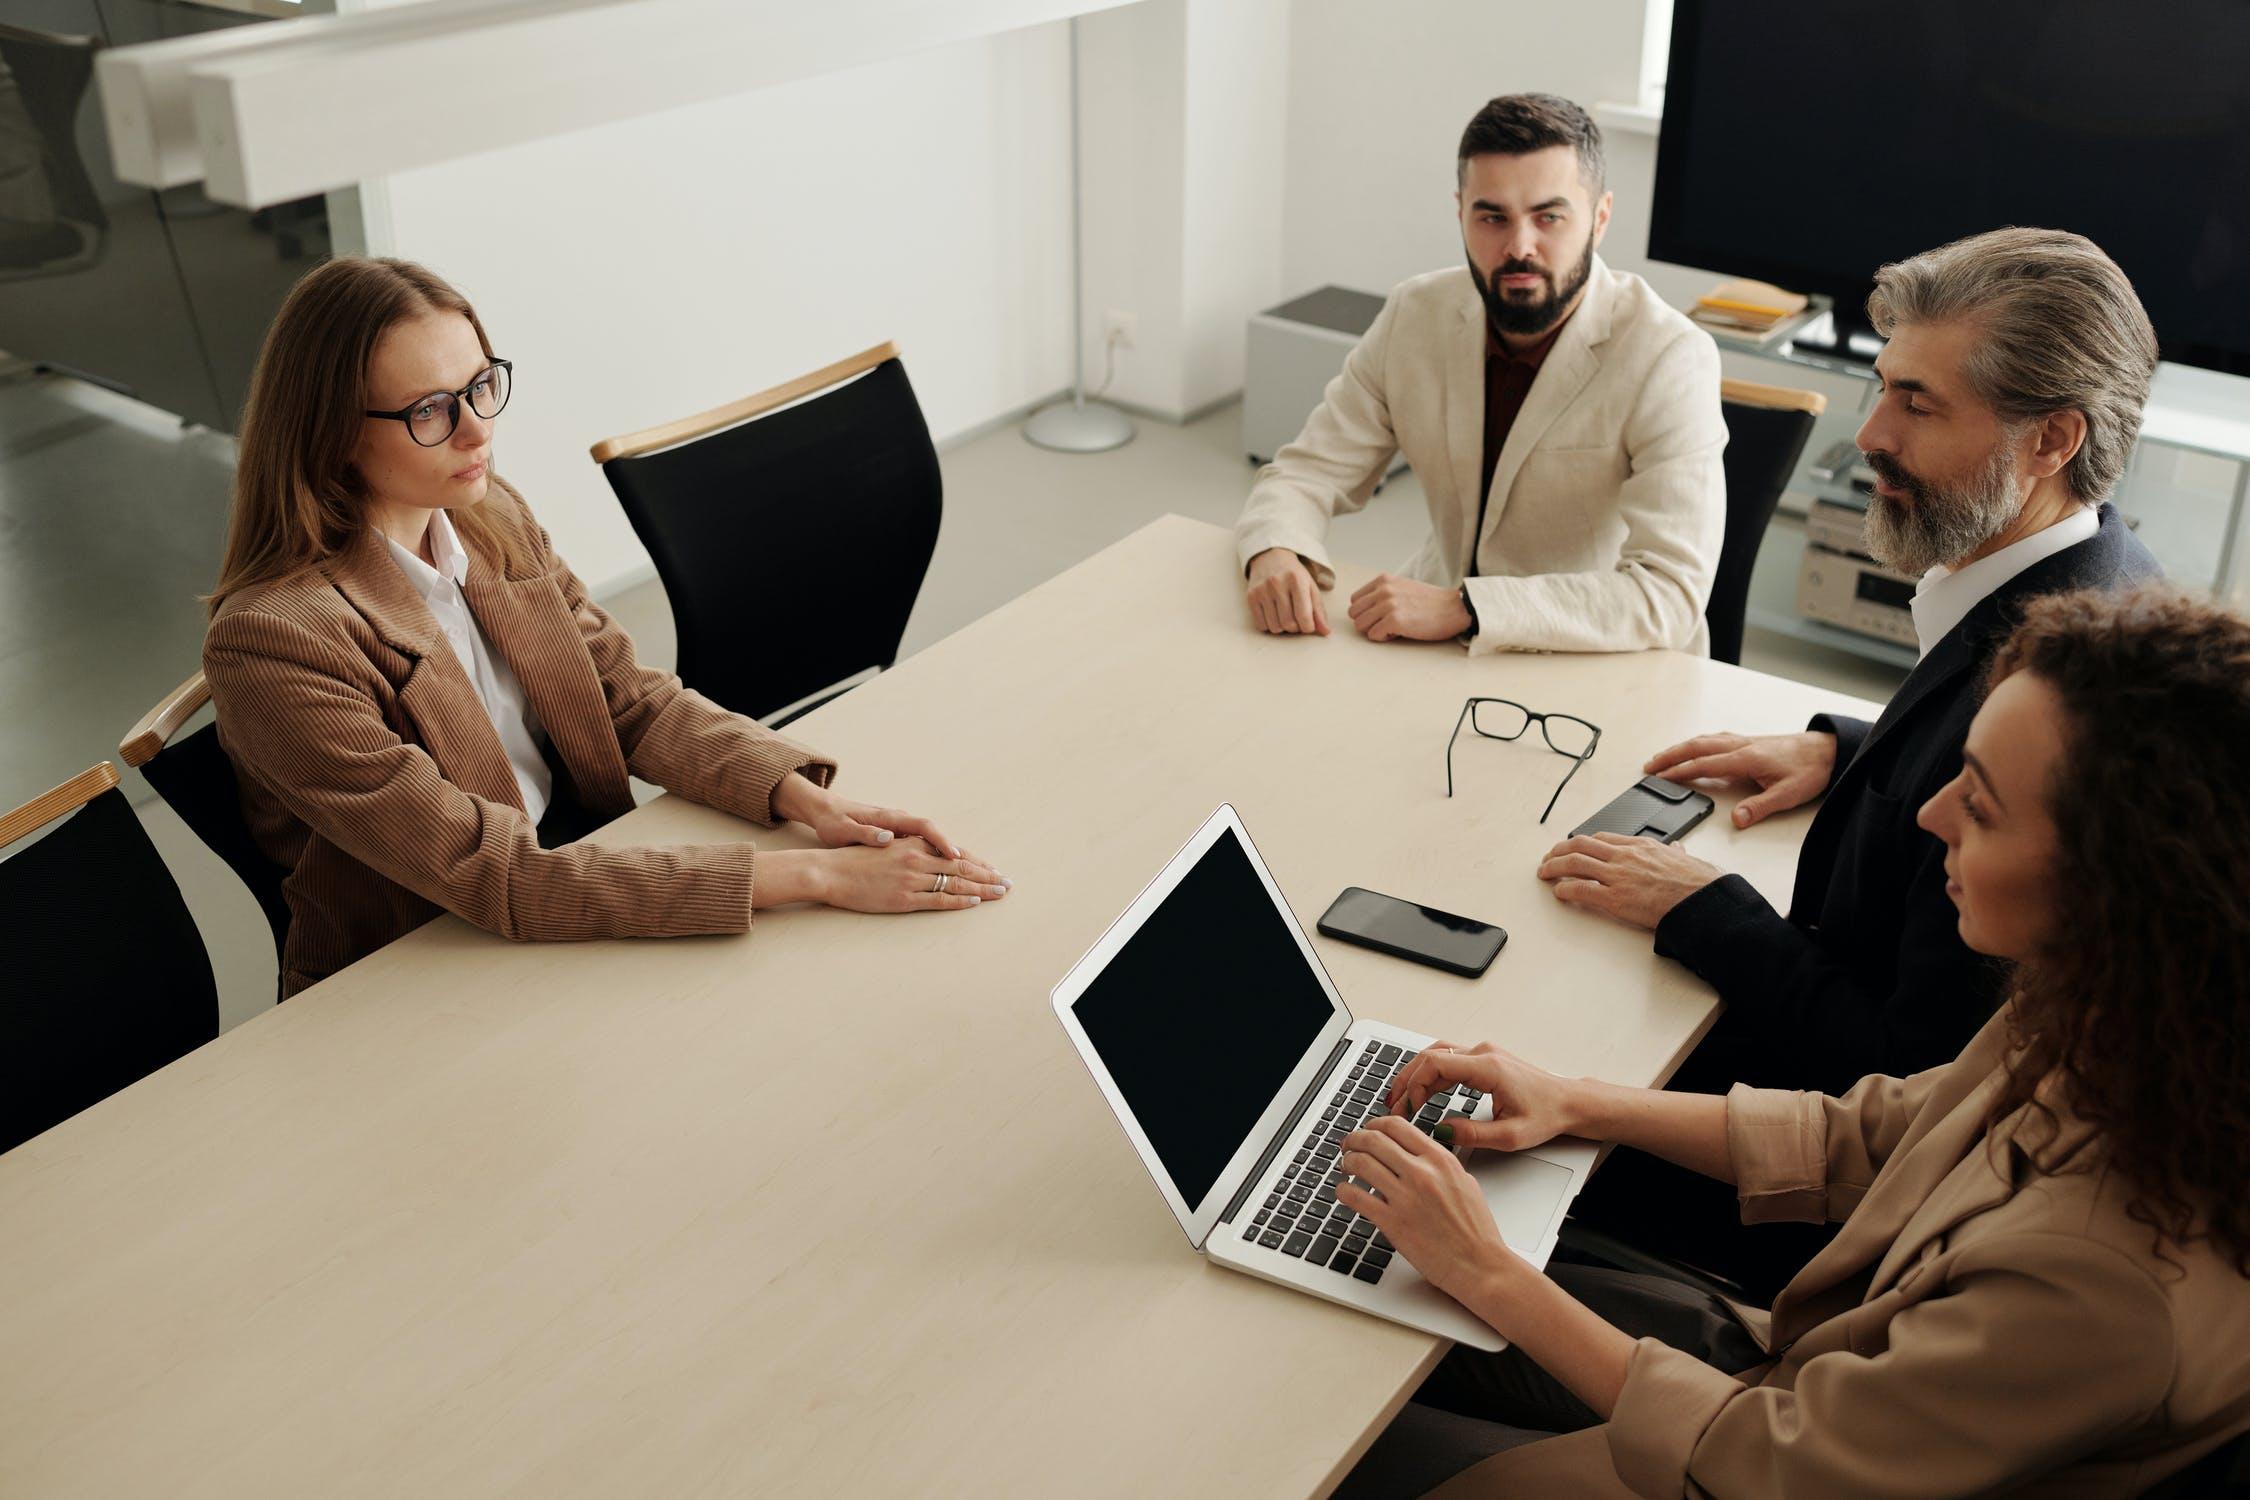 В 90% компаний можно трудоустроиться лишь по рекомендации — социология